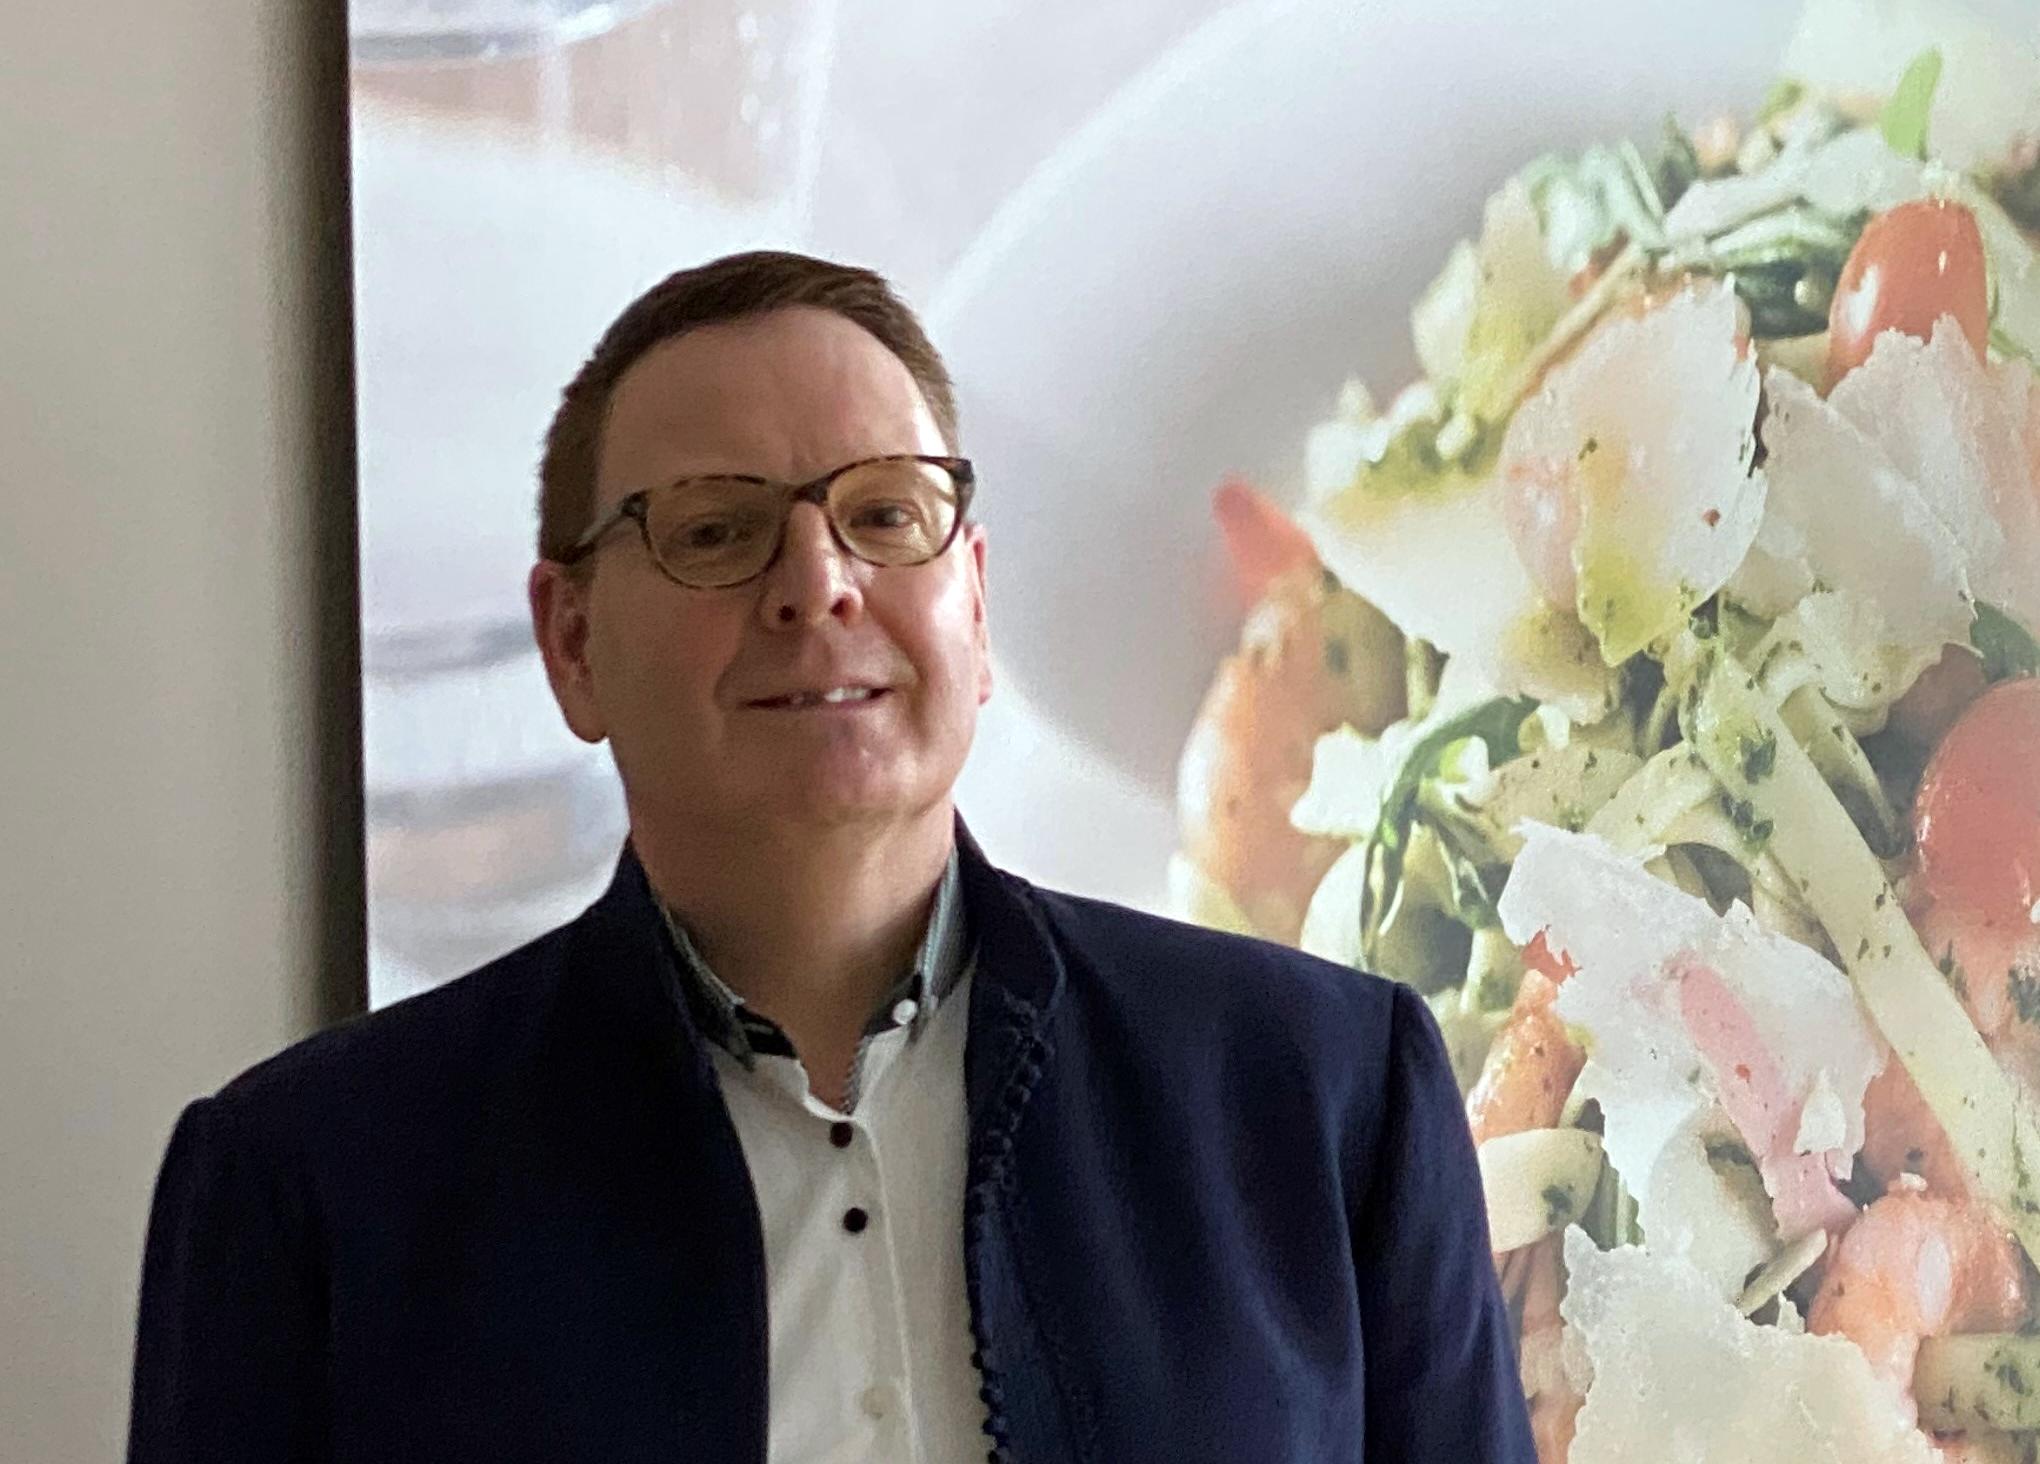 Thomas Brand Klein